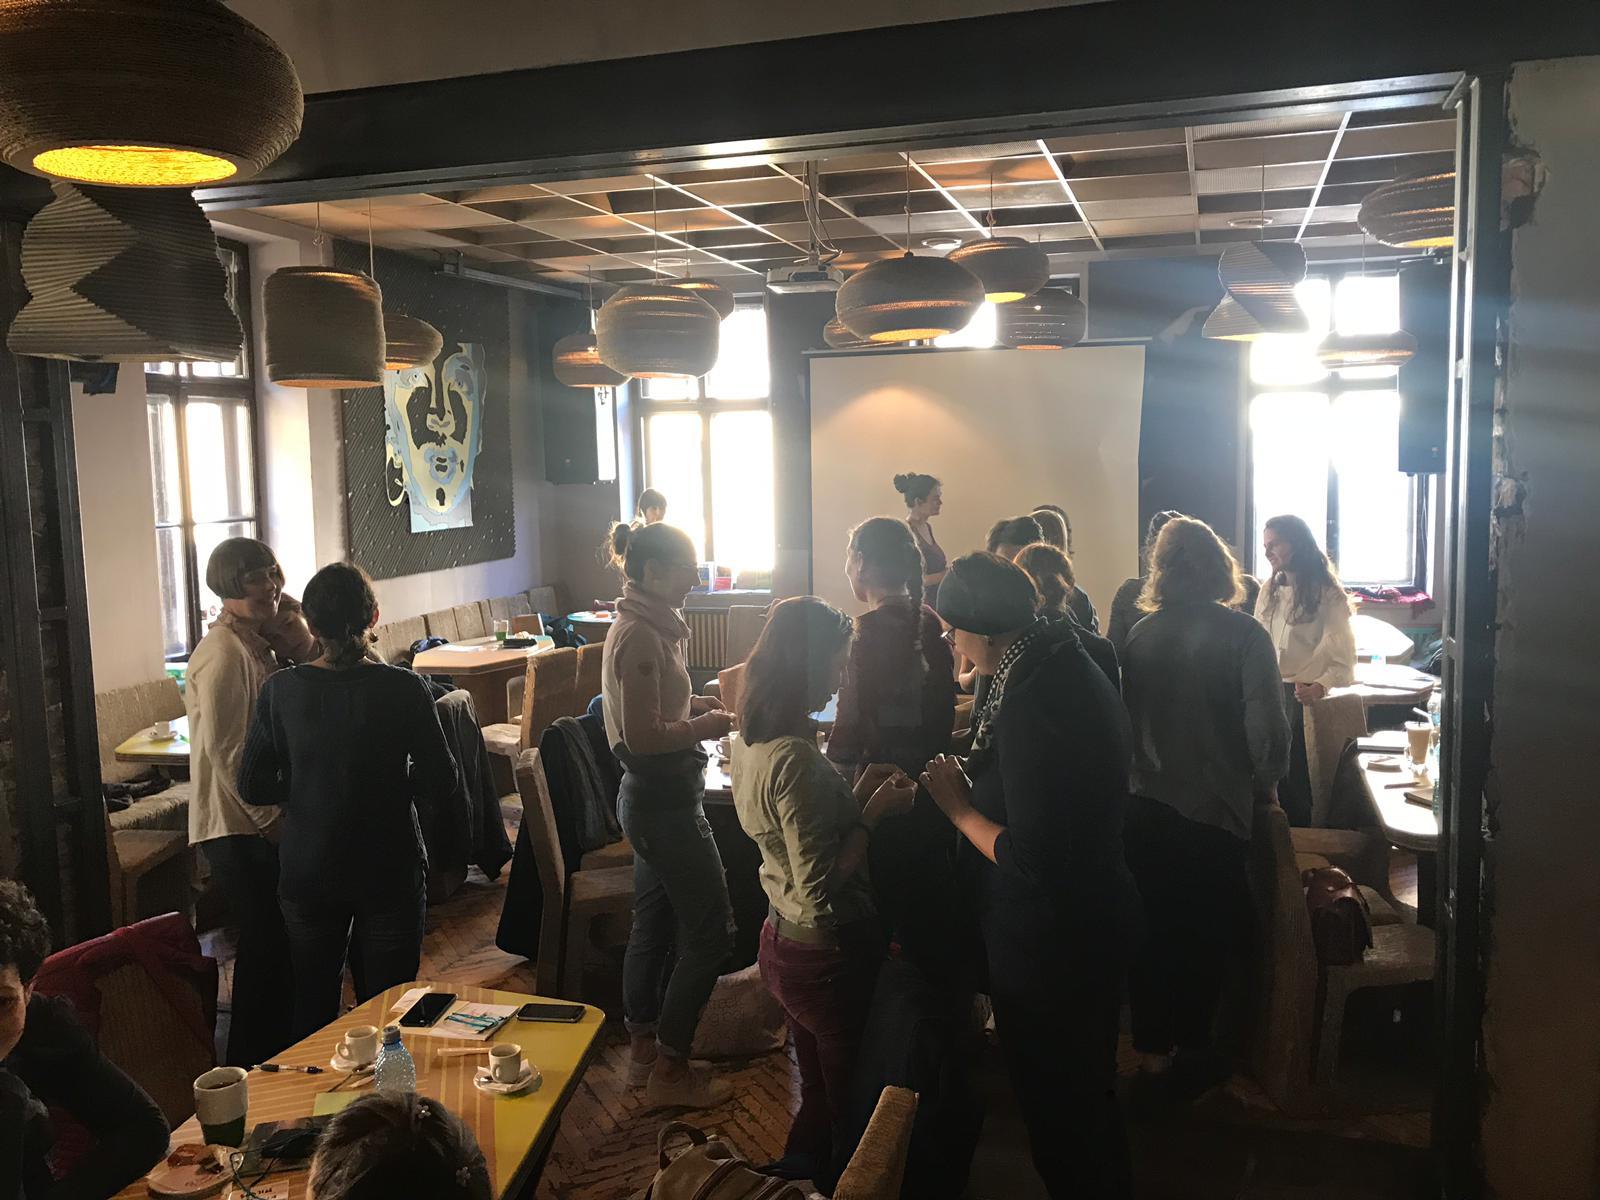 In dem Atelier Cafe in Cluj-Napoco, in dem sich sonst viele Studenten treffen, fand die Veranstaltung statt